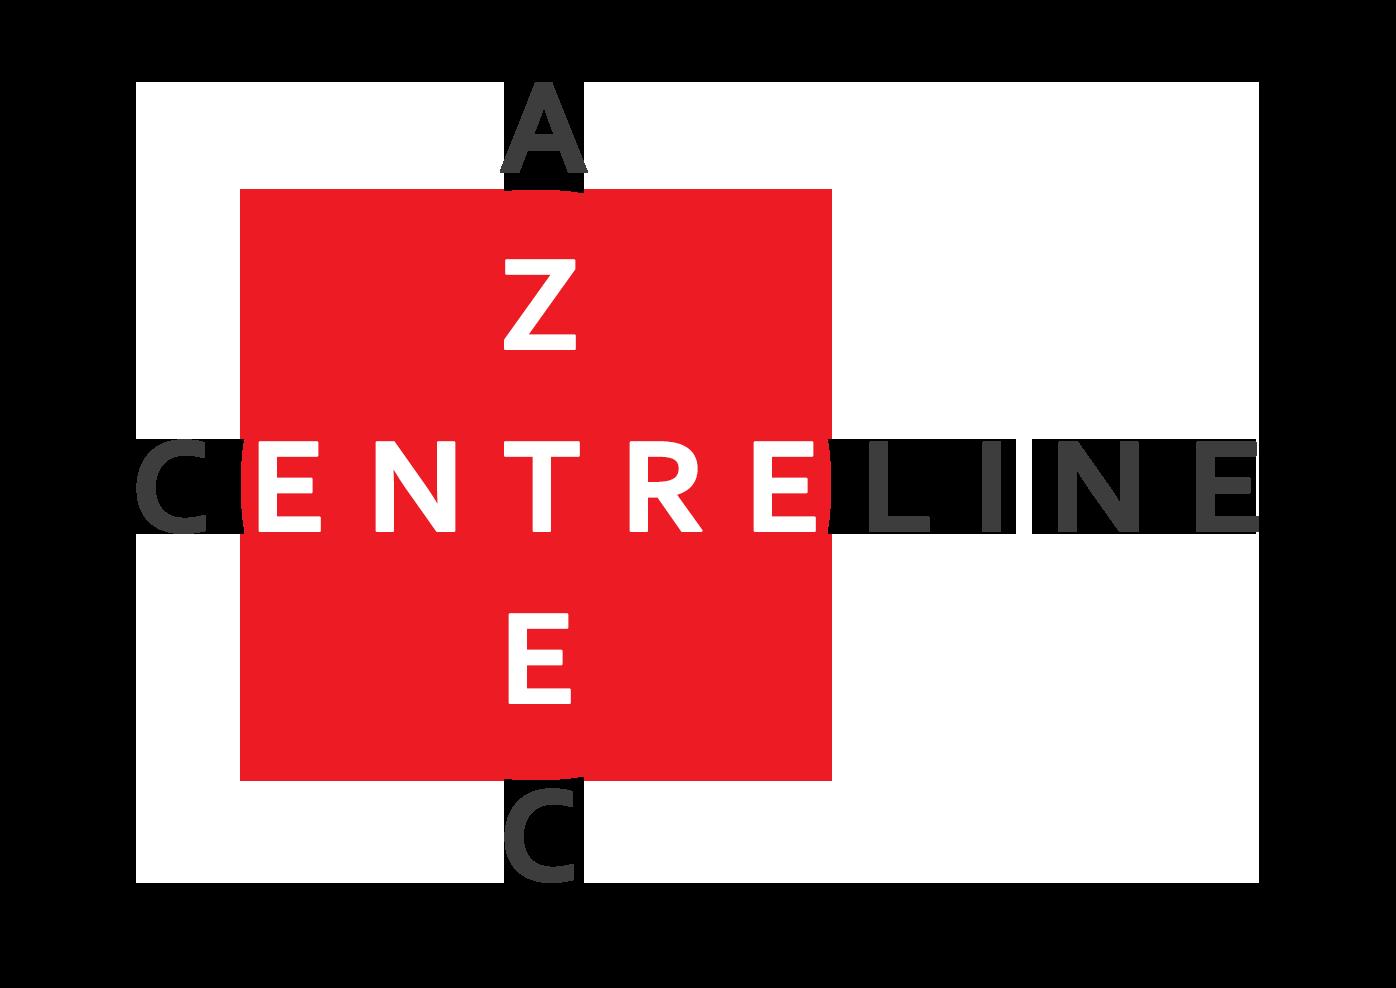 Aztec Centreline